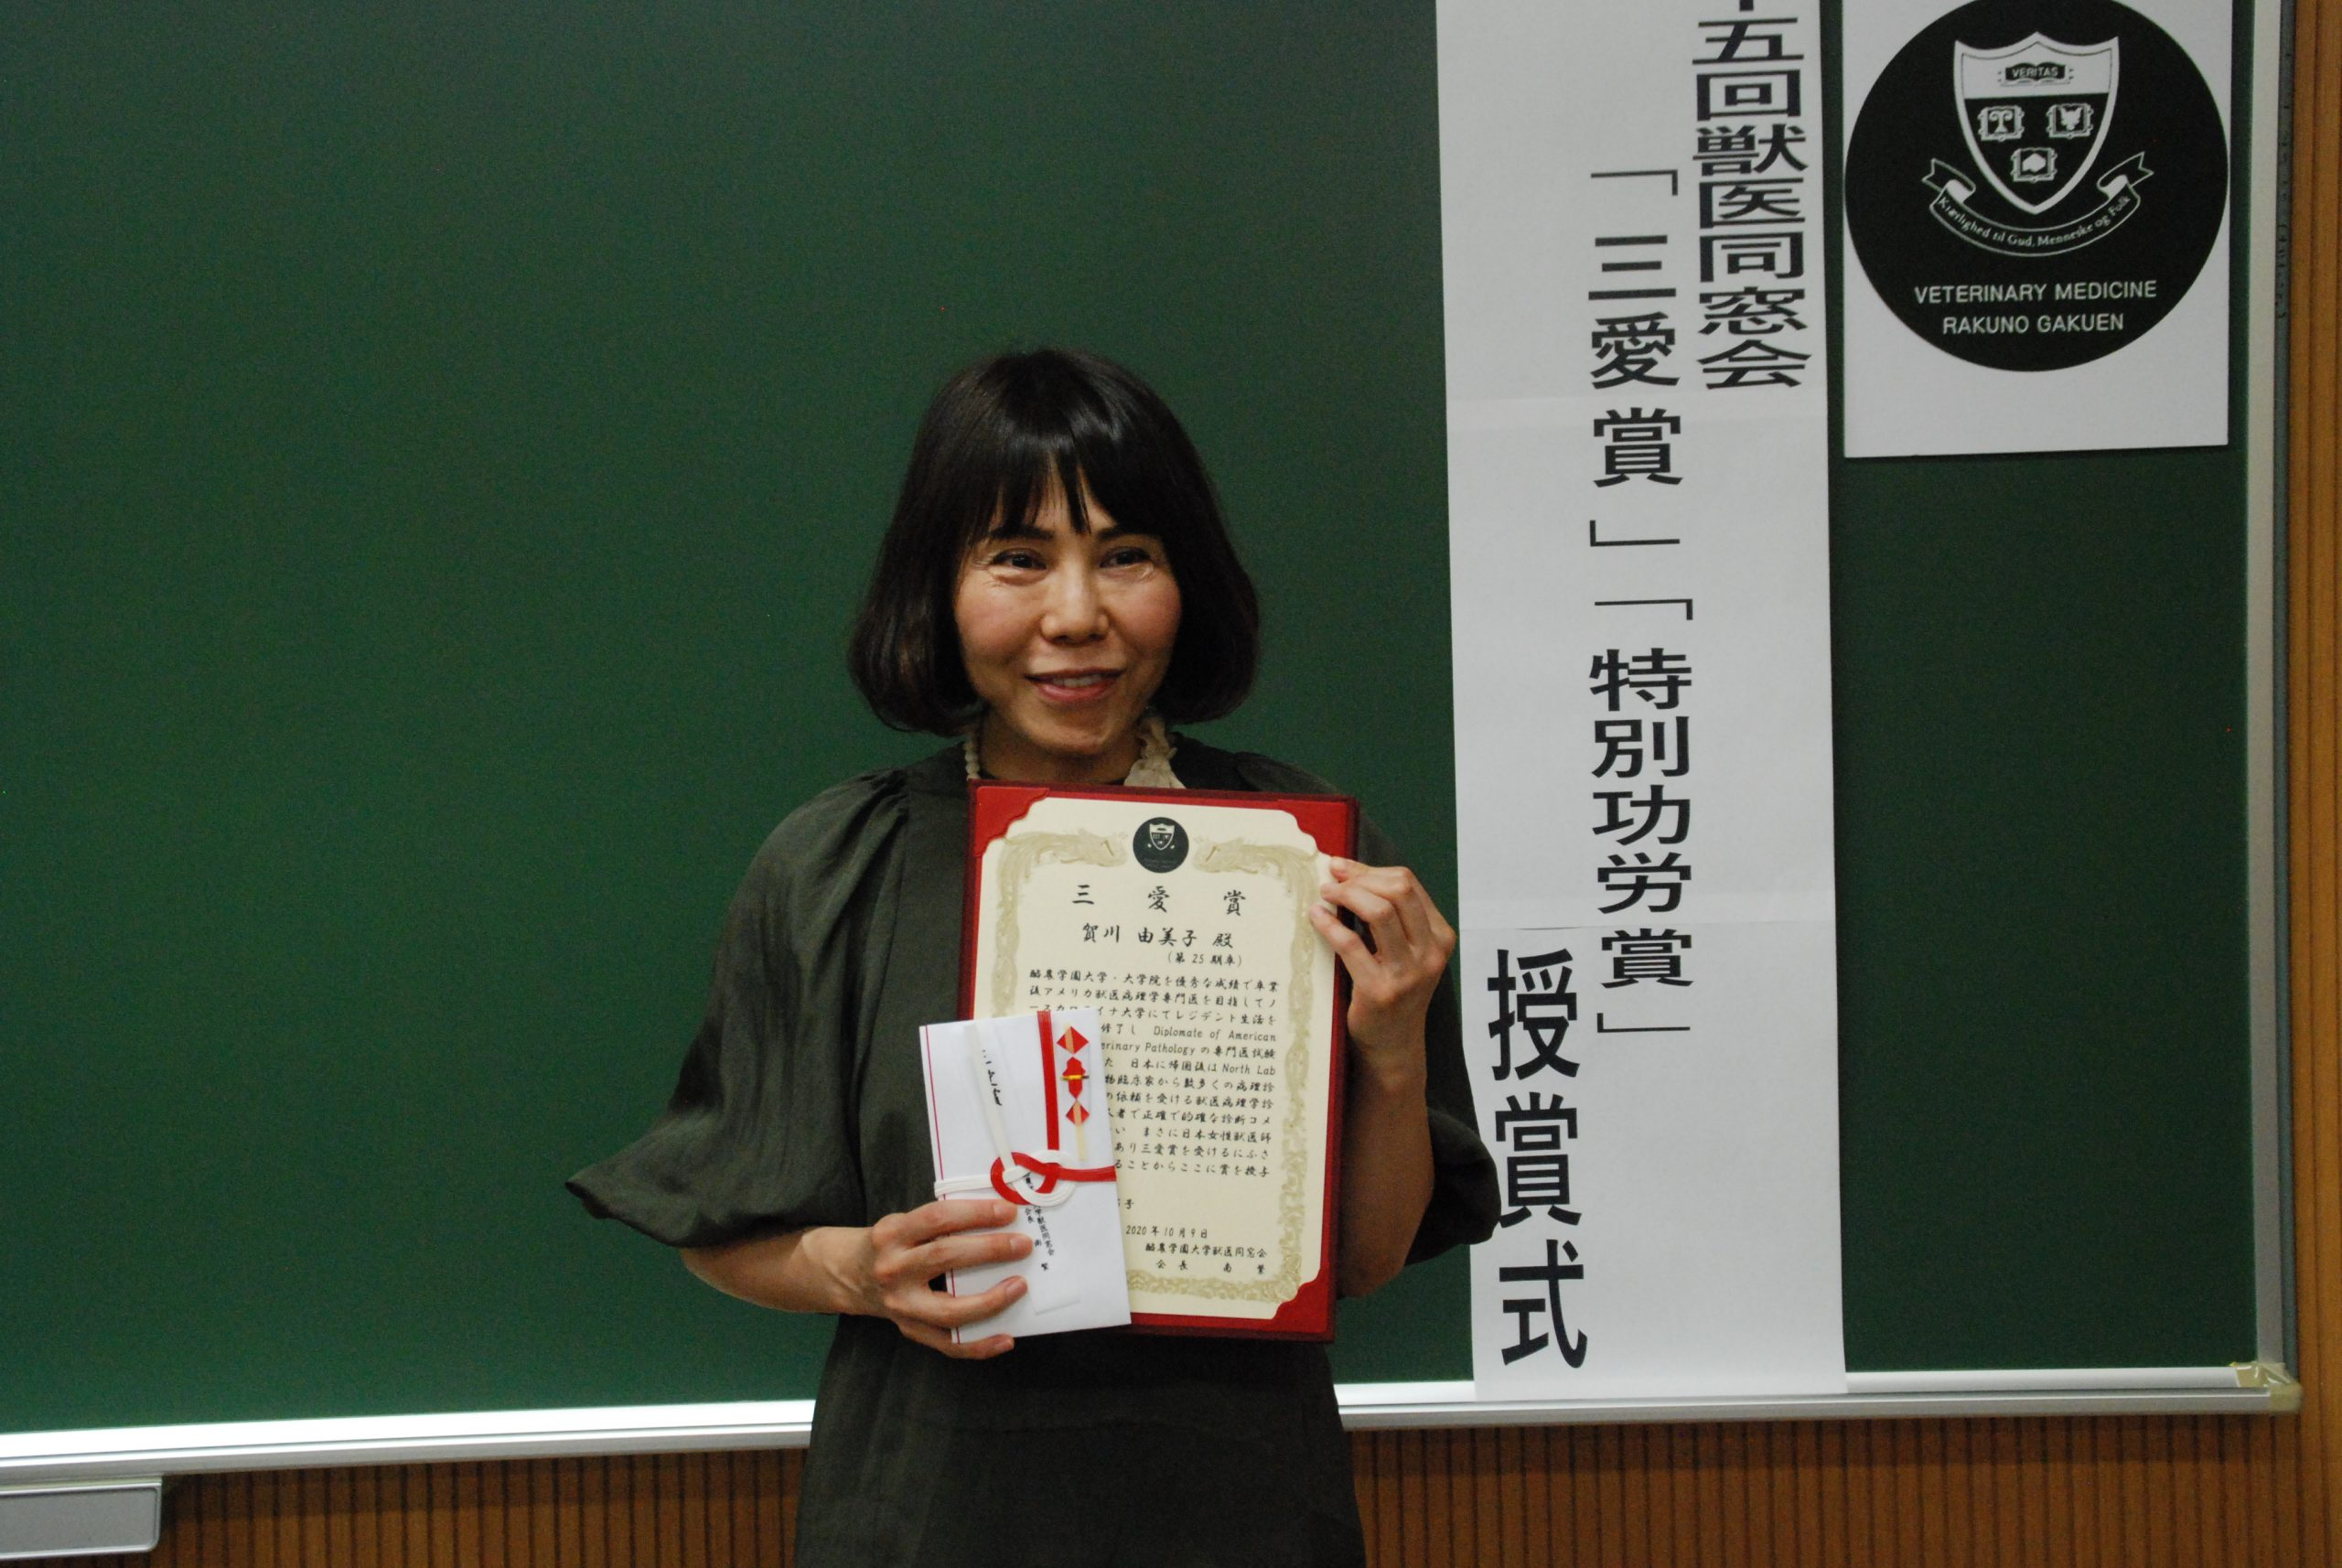 第15回「三愛賞」および「三愛特別功労賞」授賞式報告